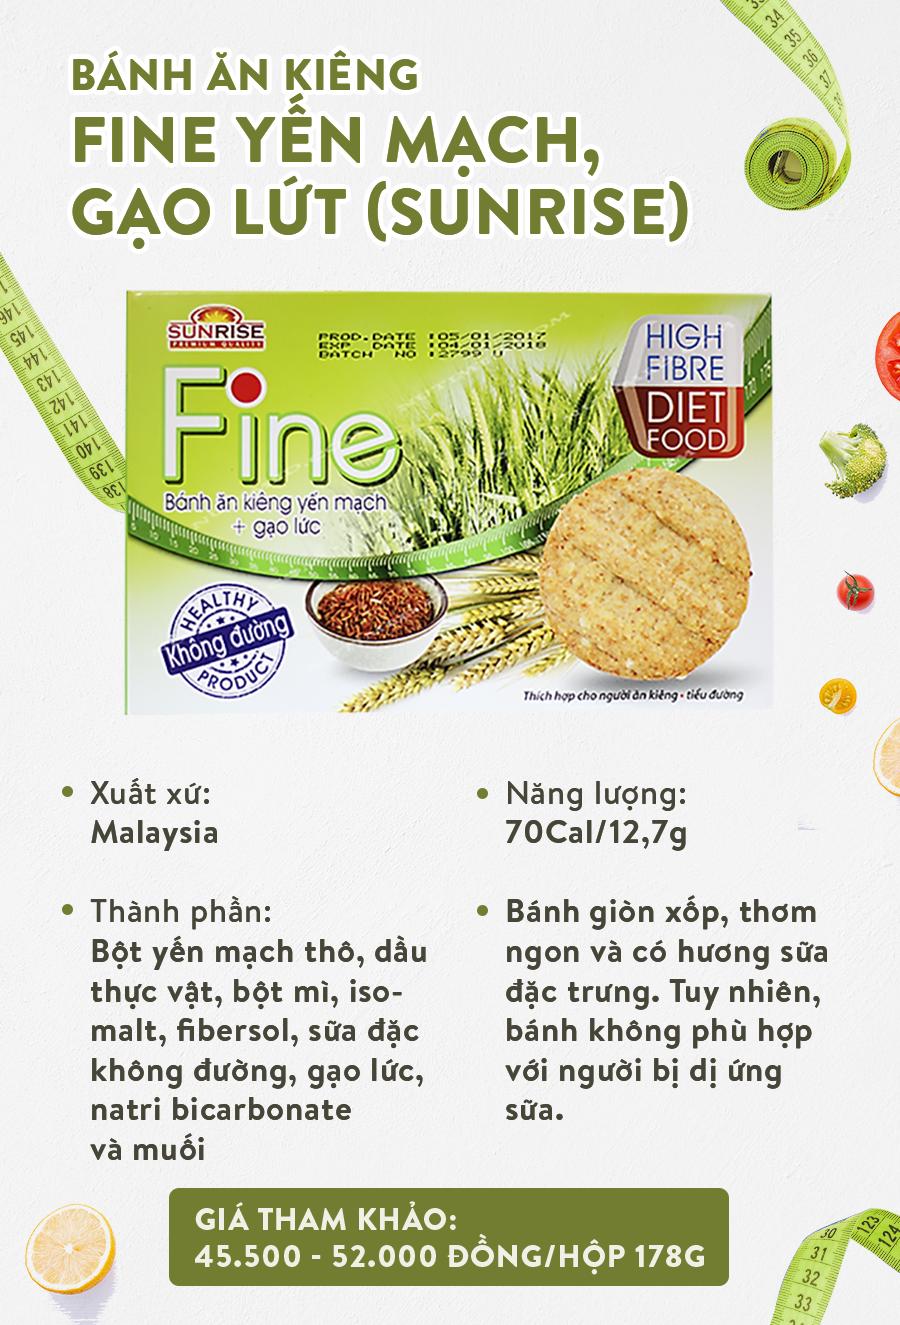 Review nhanh 6 loại bánh ăn kiêng cho chị em nhâm nhi Tết mà không sợ béo - Ảnh 5.